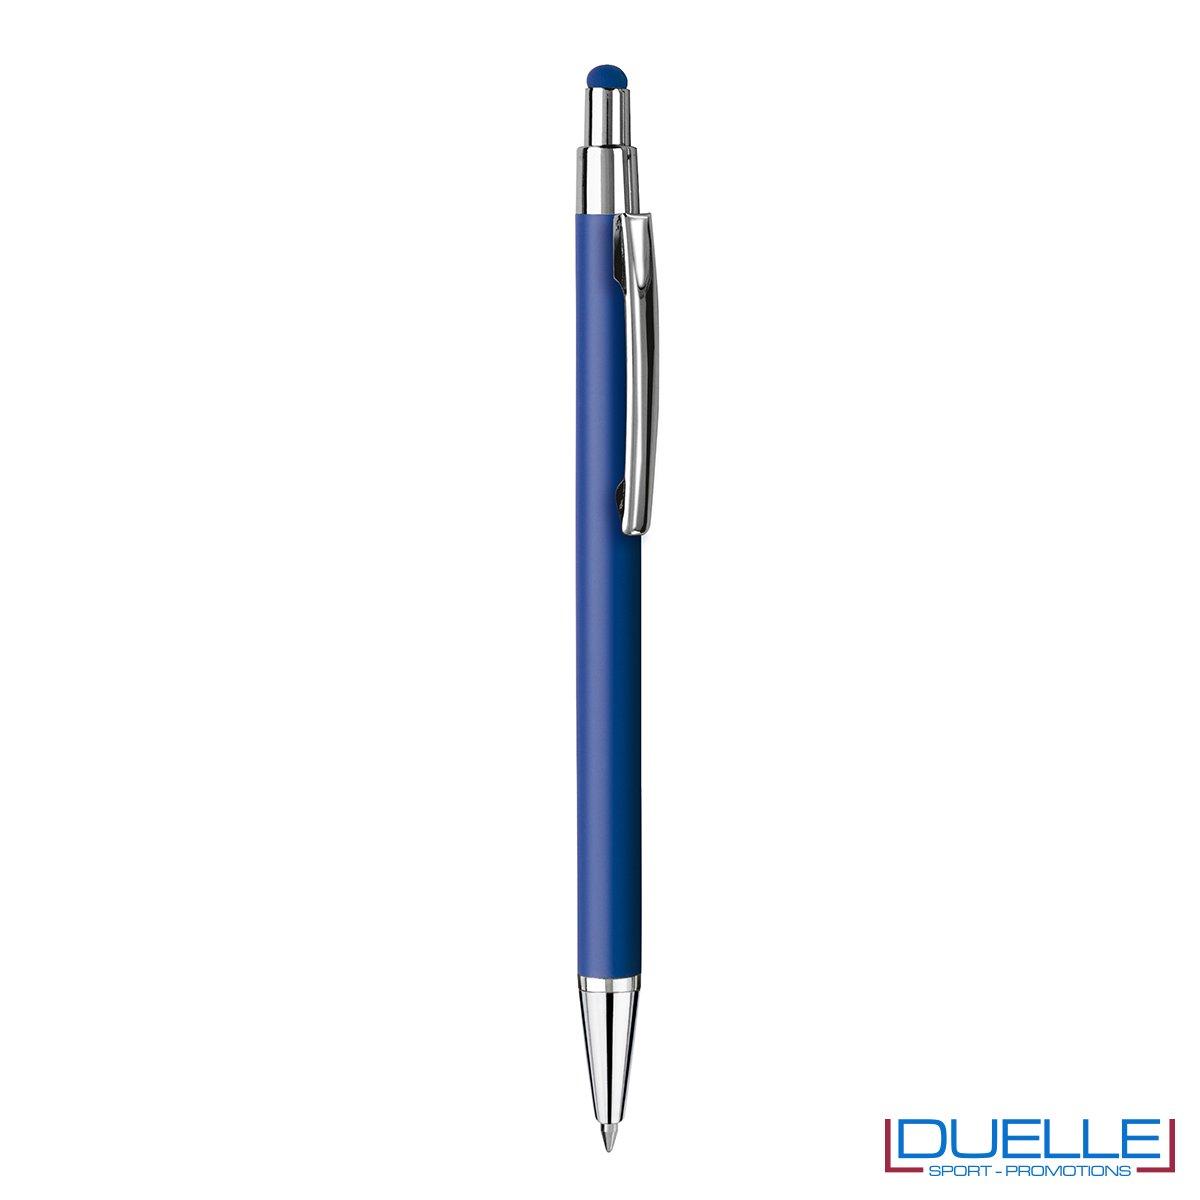 Penna personalizzata finitura soft touch colore blu